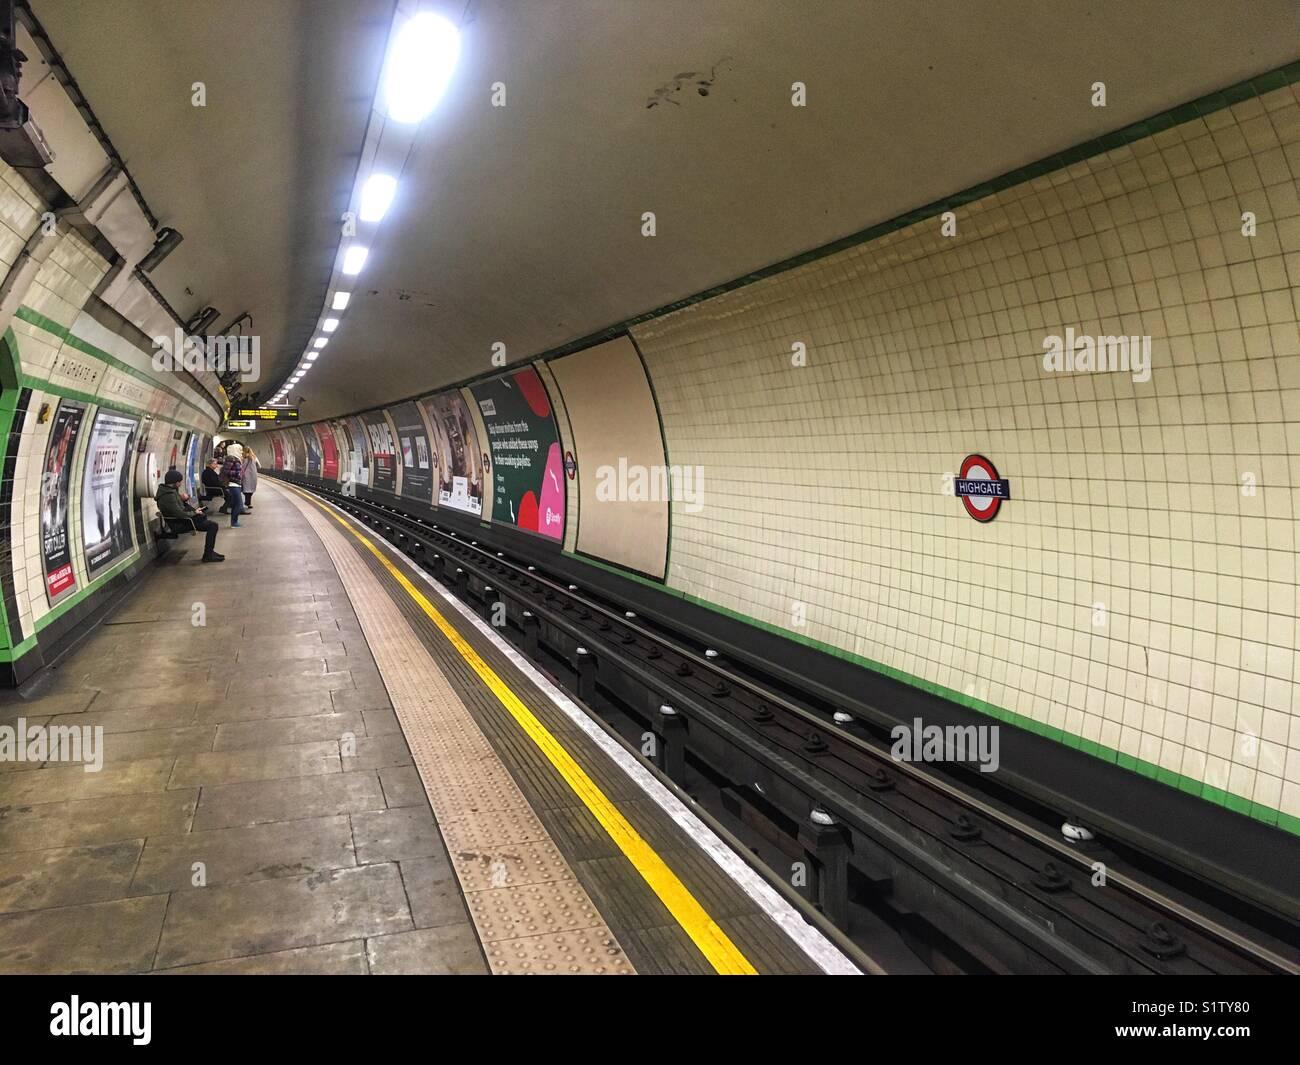 Highgate Underground Station in London, England - Stock Image